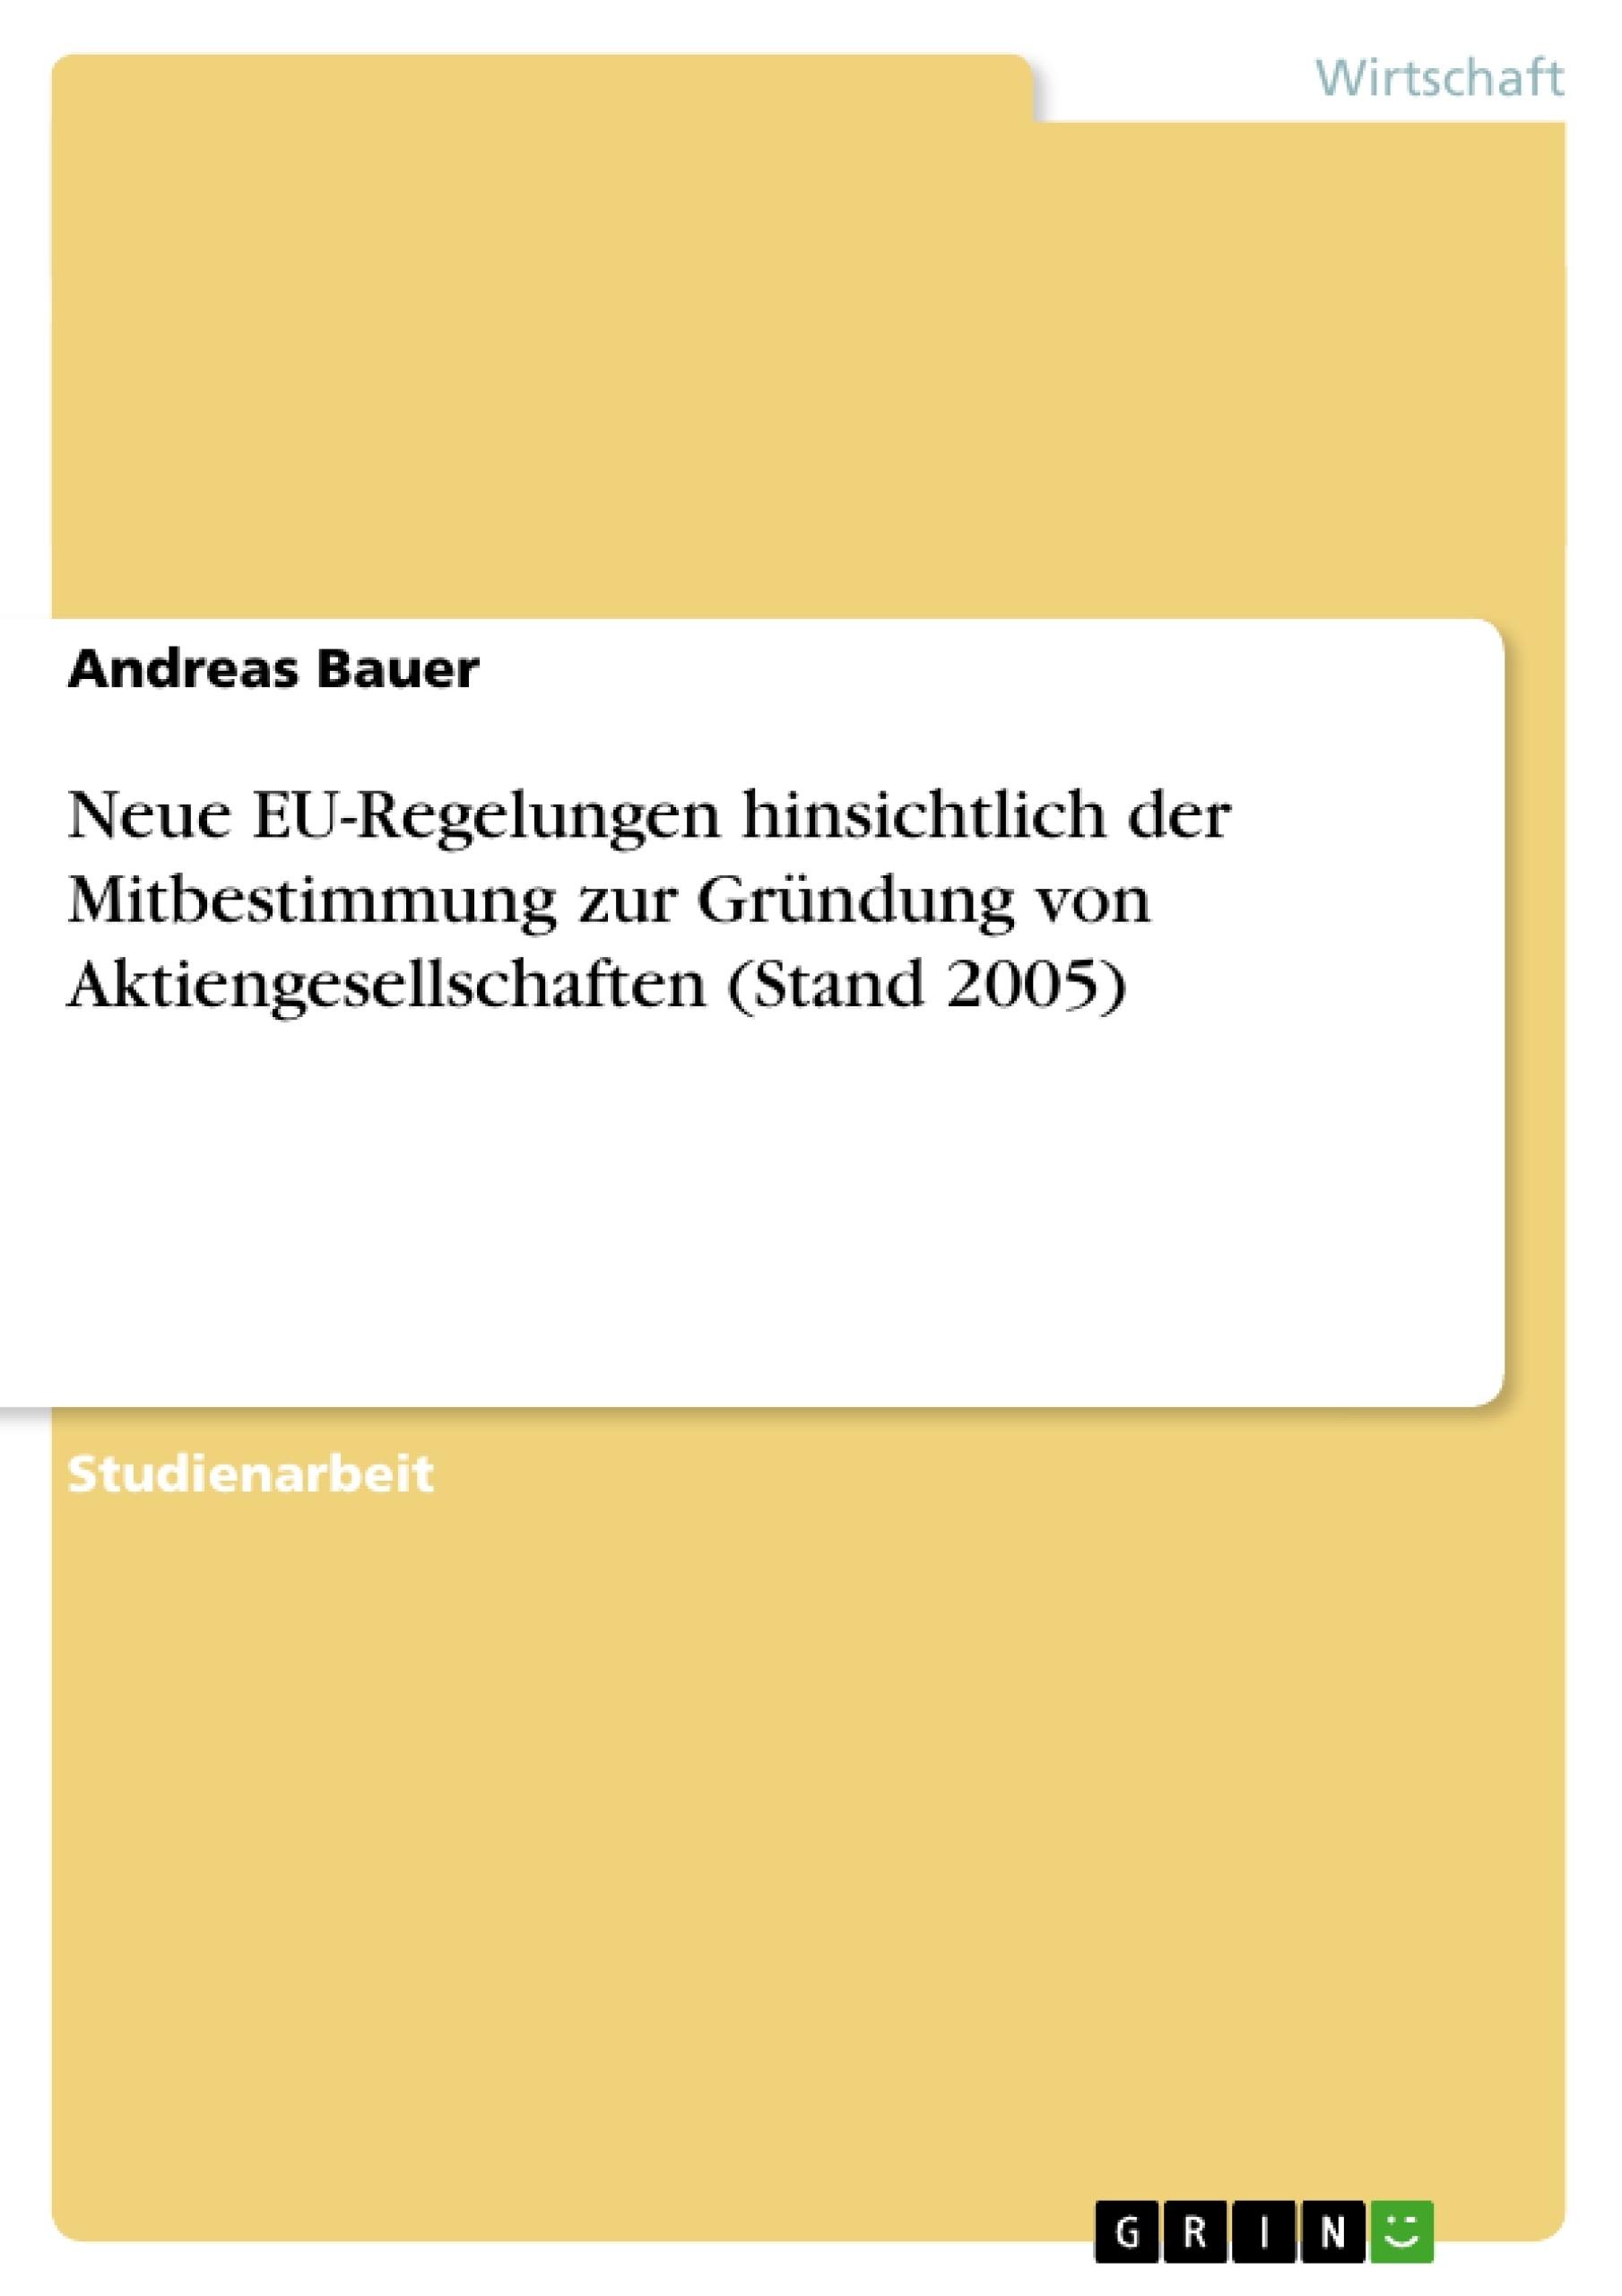 Titel: Neue EU-Regelungen hinsichtlich der Mitbestimmung zur Gründung von Aktiengesellschaften (Stand 2005)